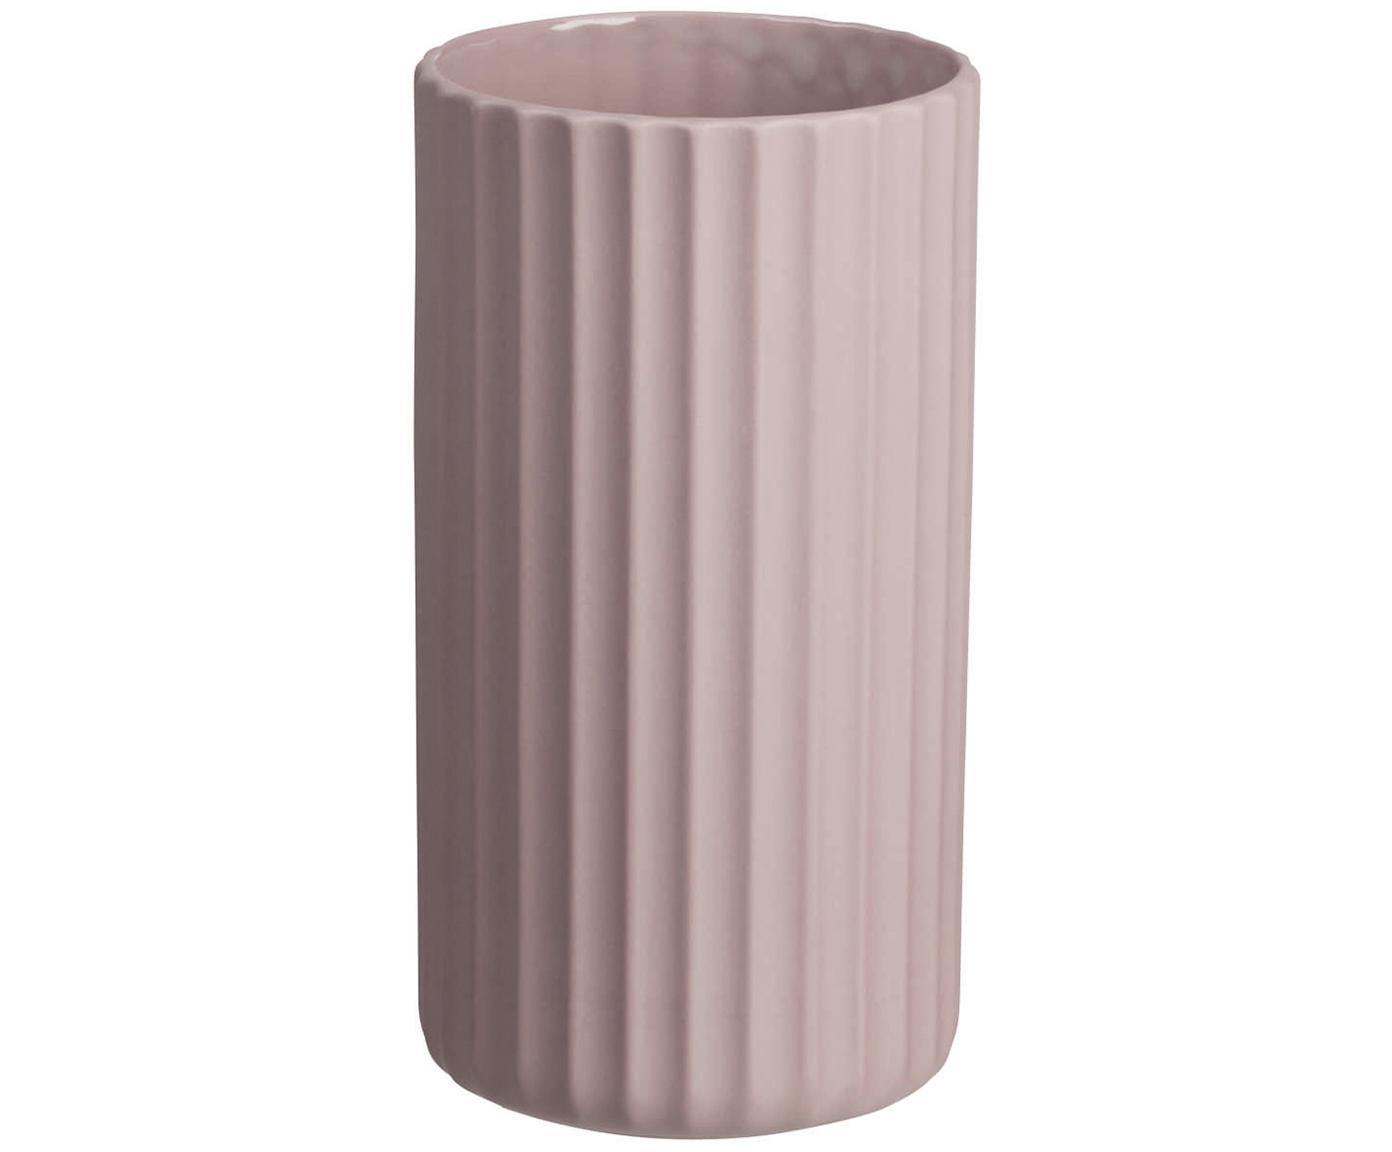 Handgemaakte vaas Yoko, Porselein, Roze, Ø 9 x H 16 cm